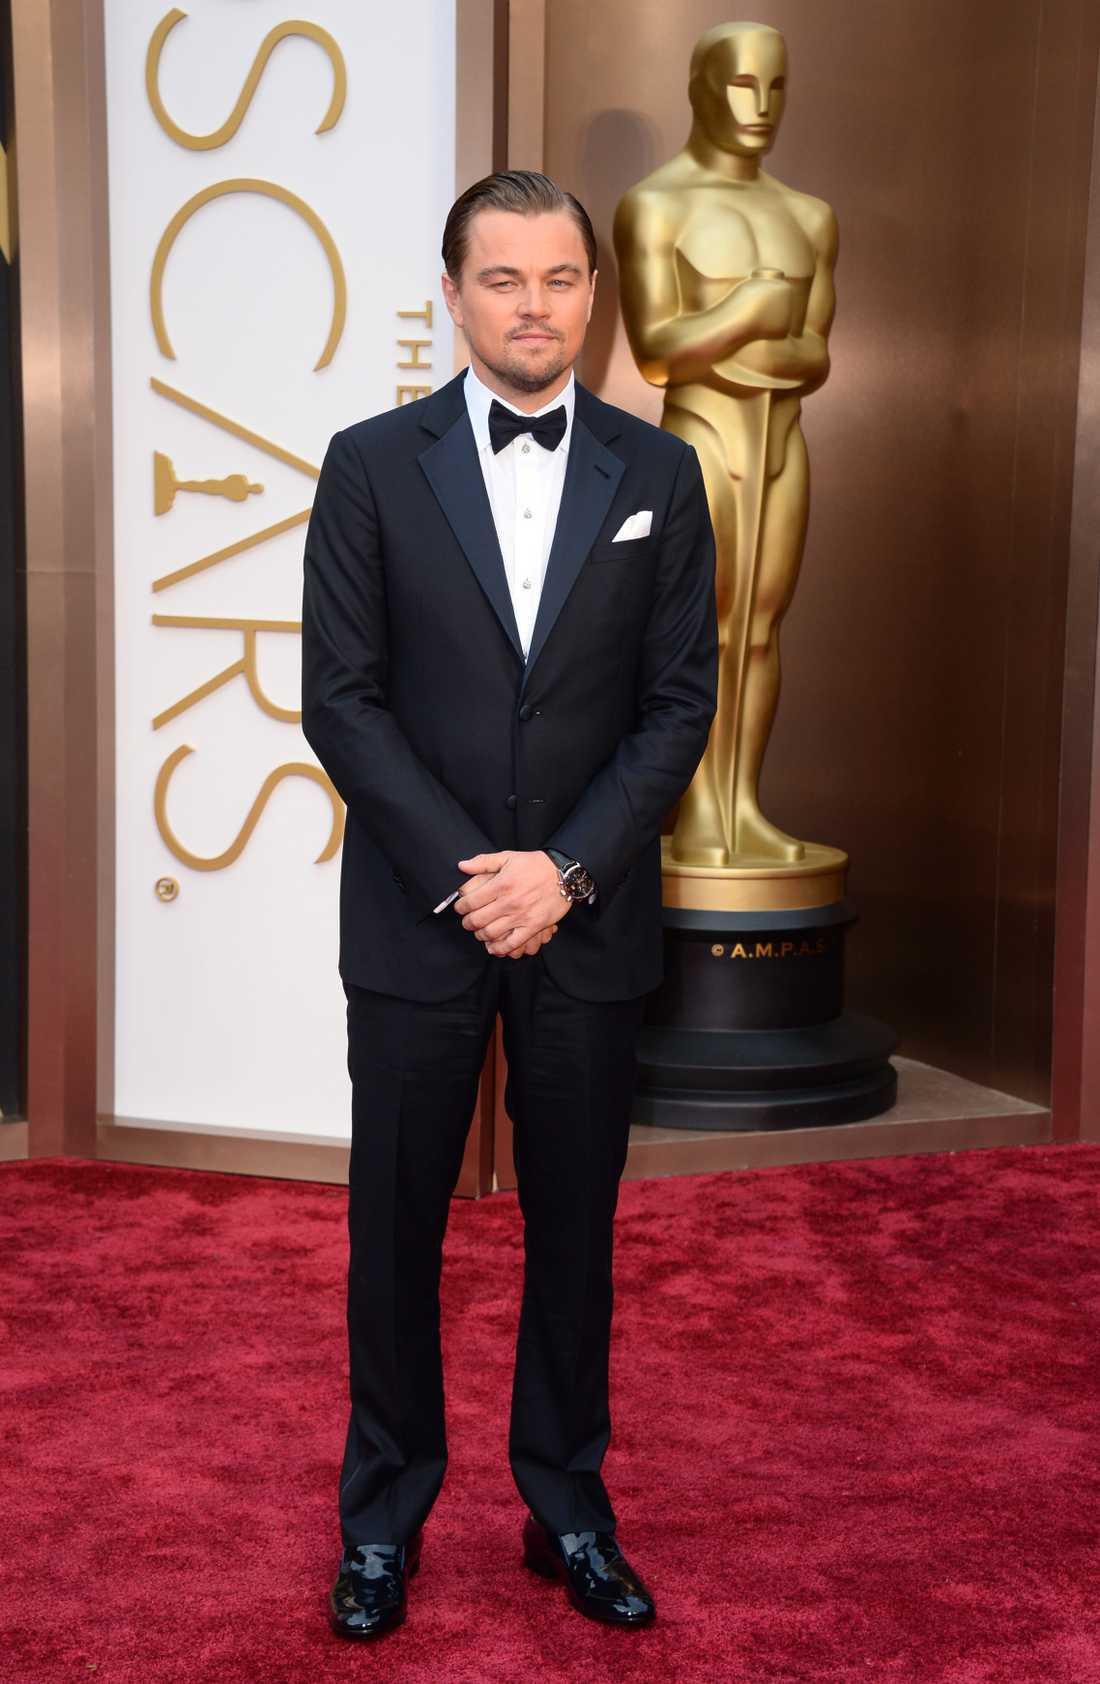 """+++++ Leonardo DiCaprio: """"Få, verkligen FÅ, ser så Hollywood ut som Leo. Ända sedan Titanic så vet vi alla att han är född att bära smoking och även denna natt är han helt felfri. Otrolig elegans."""""""